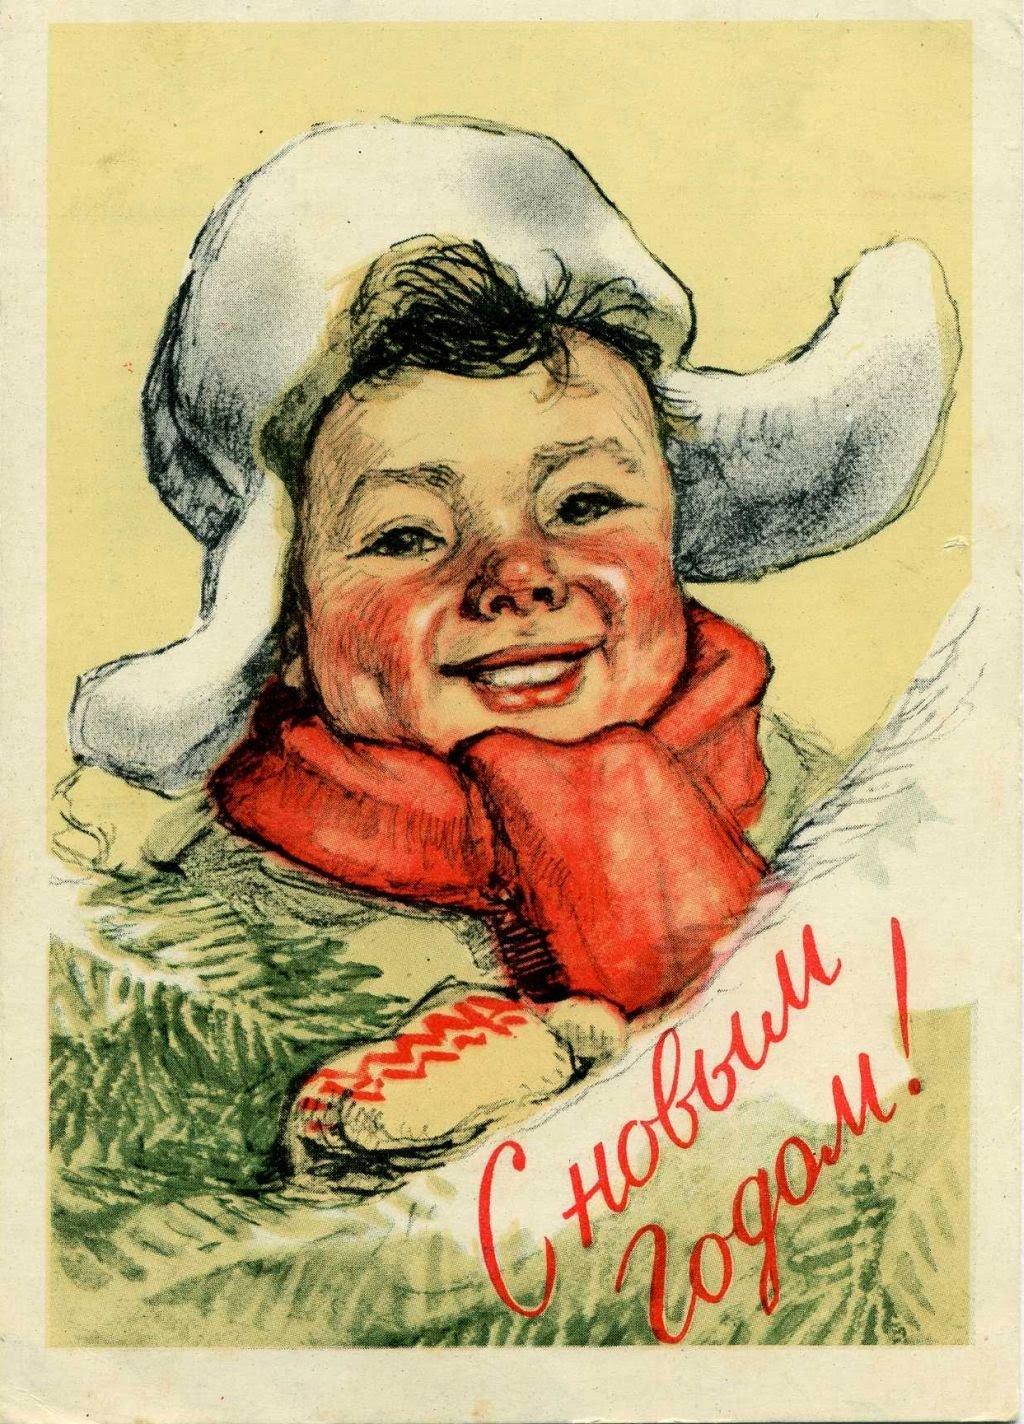 Поздравительные открытки советского периода